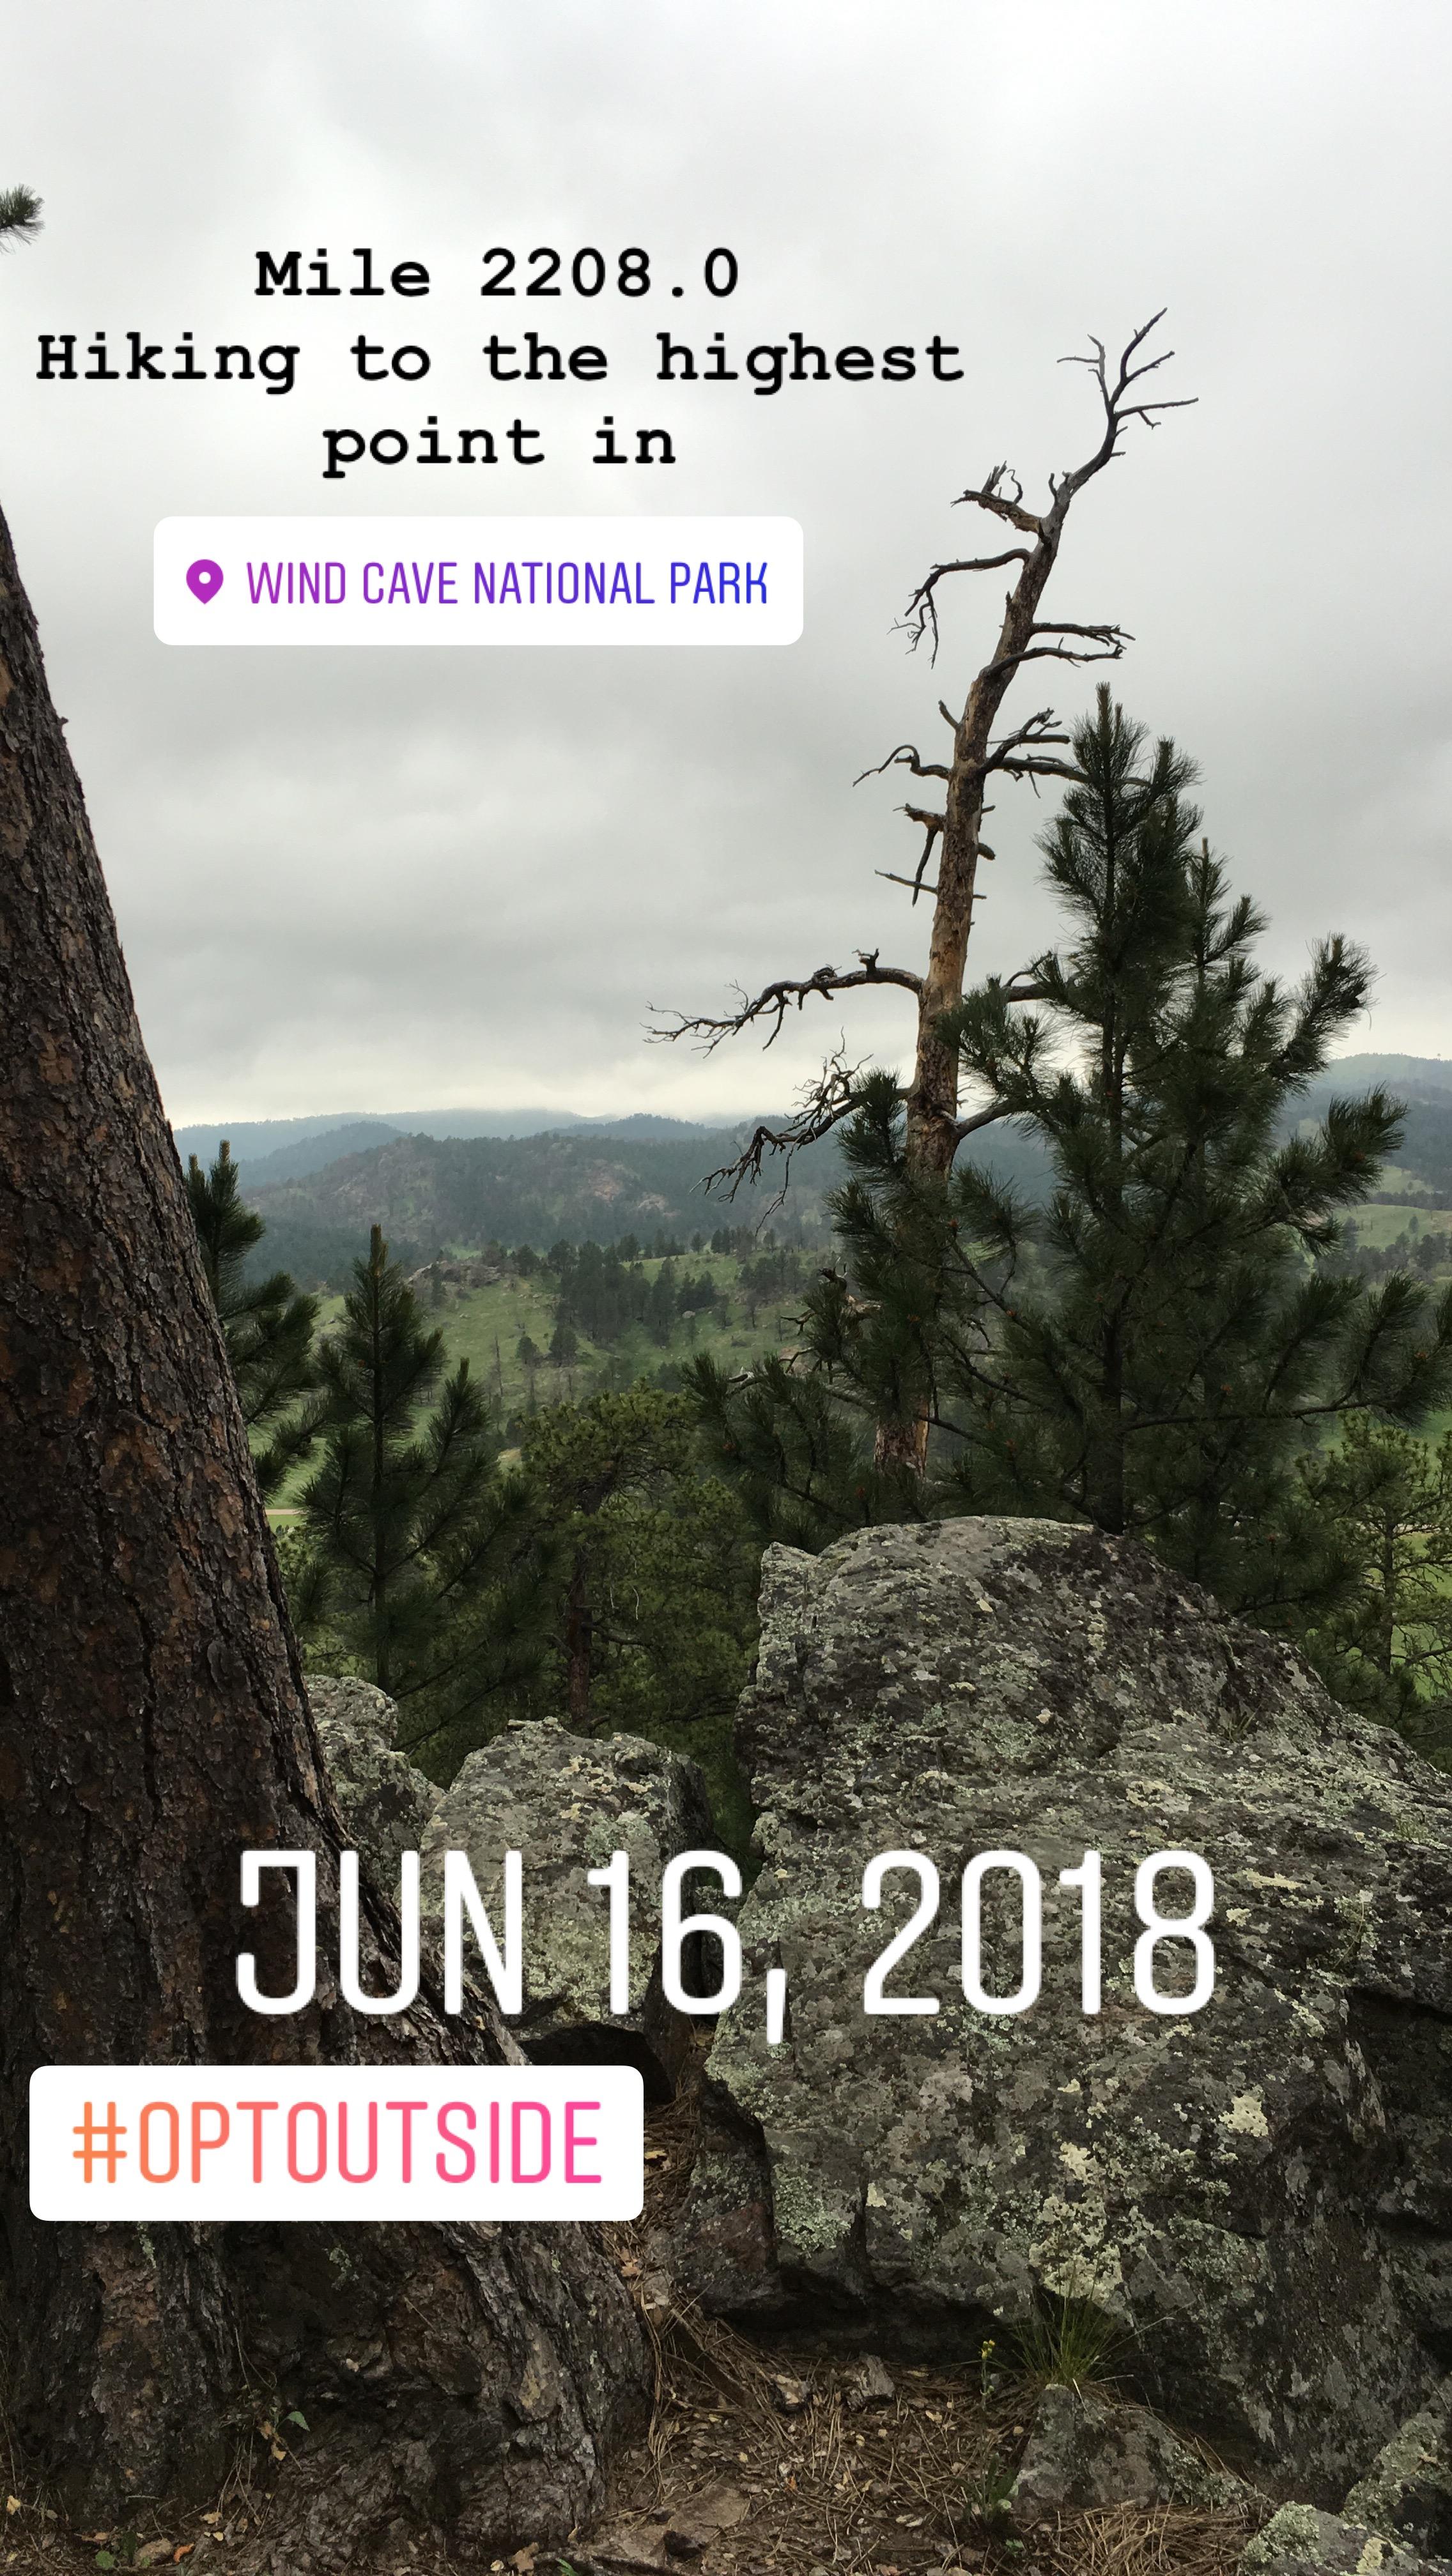 2018-06-18 08.17.20.jpg